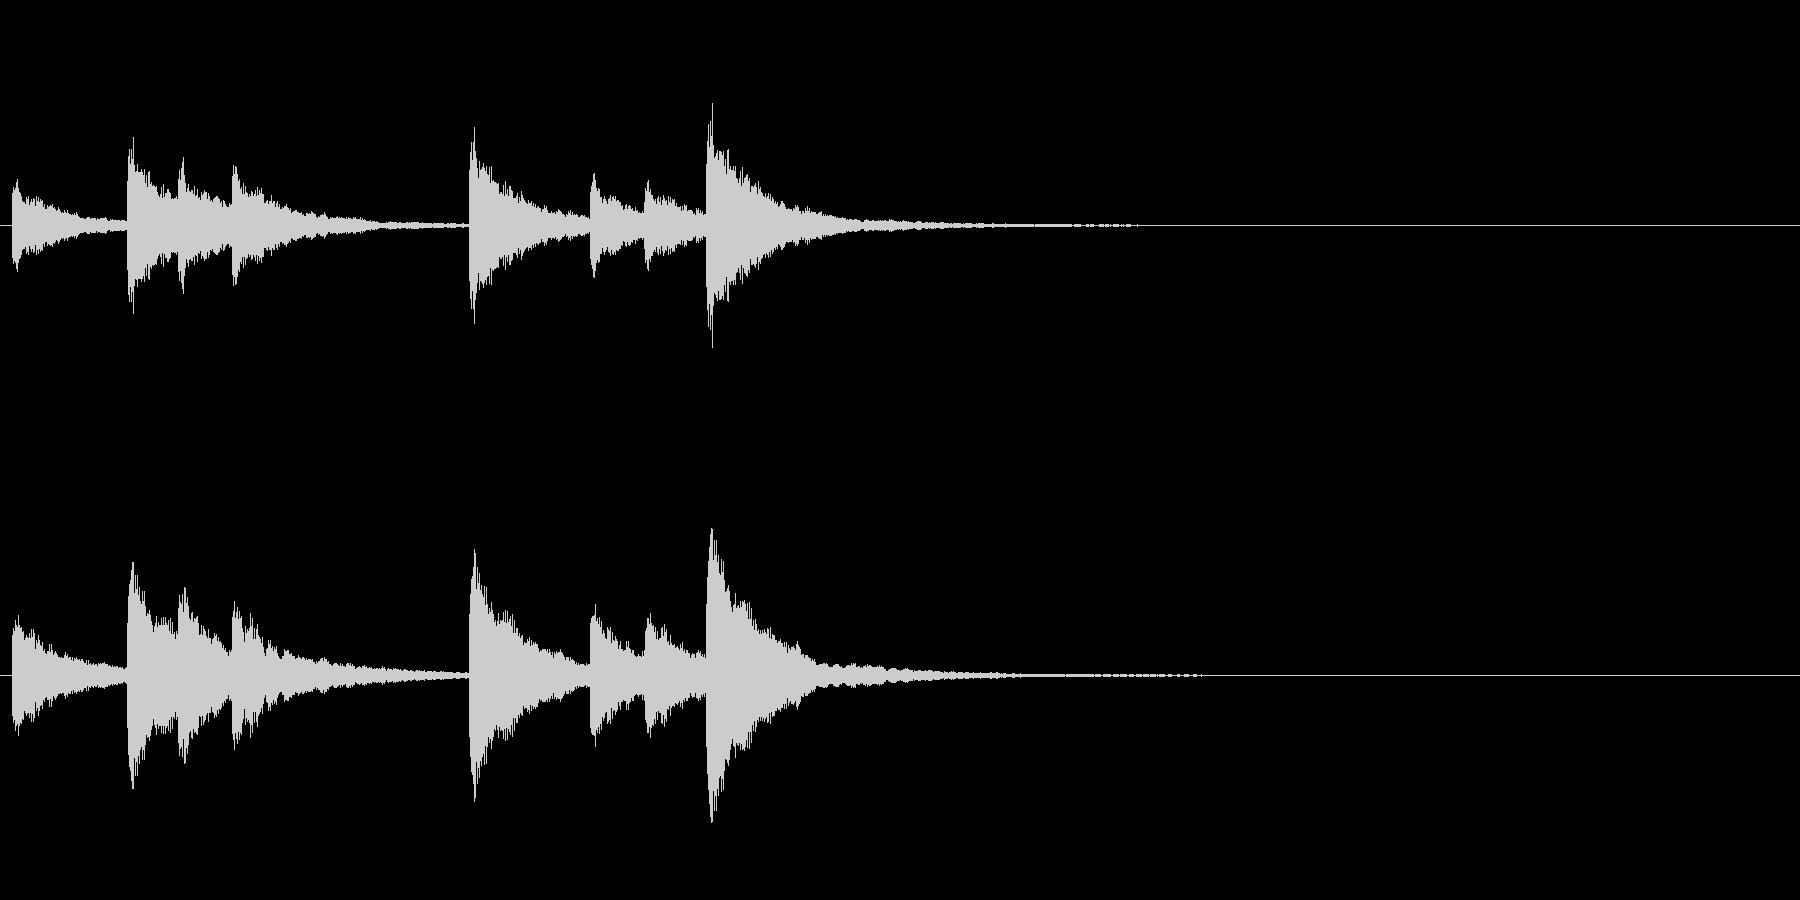 歌舞伎の吊るし鉦 双盤のフレーズ音+Fxの未再生の波形